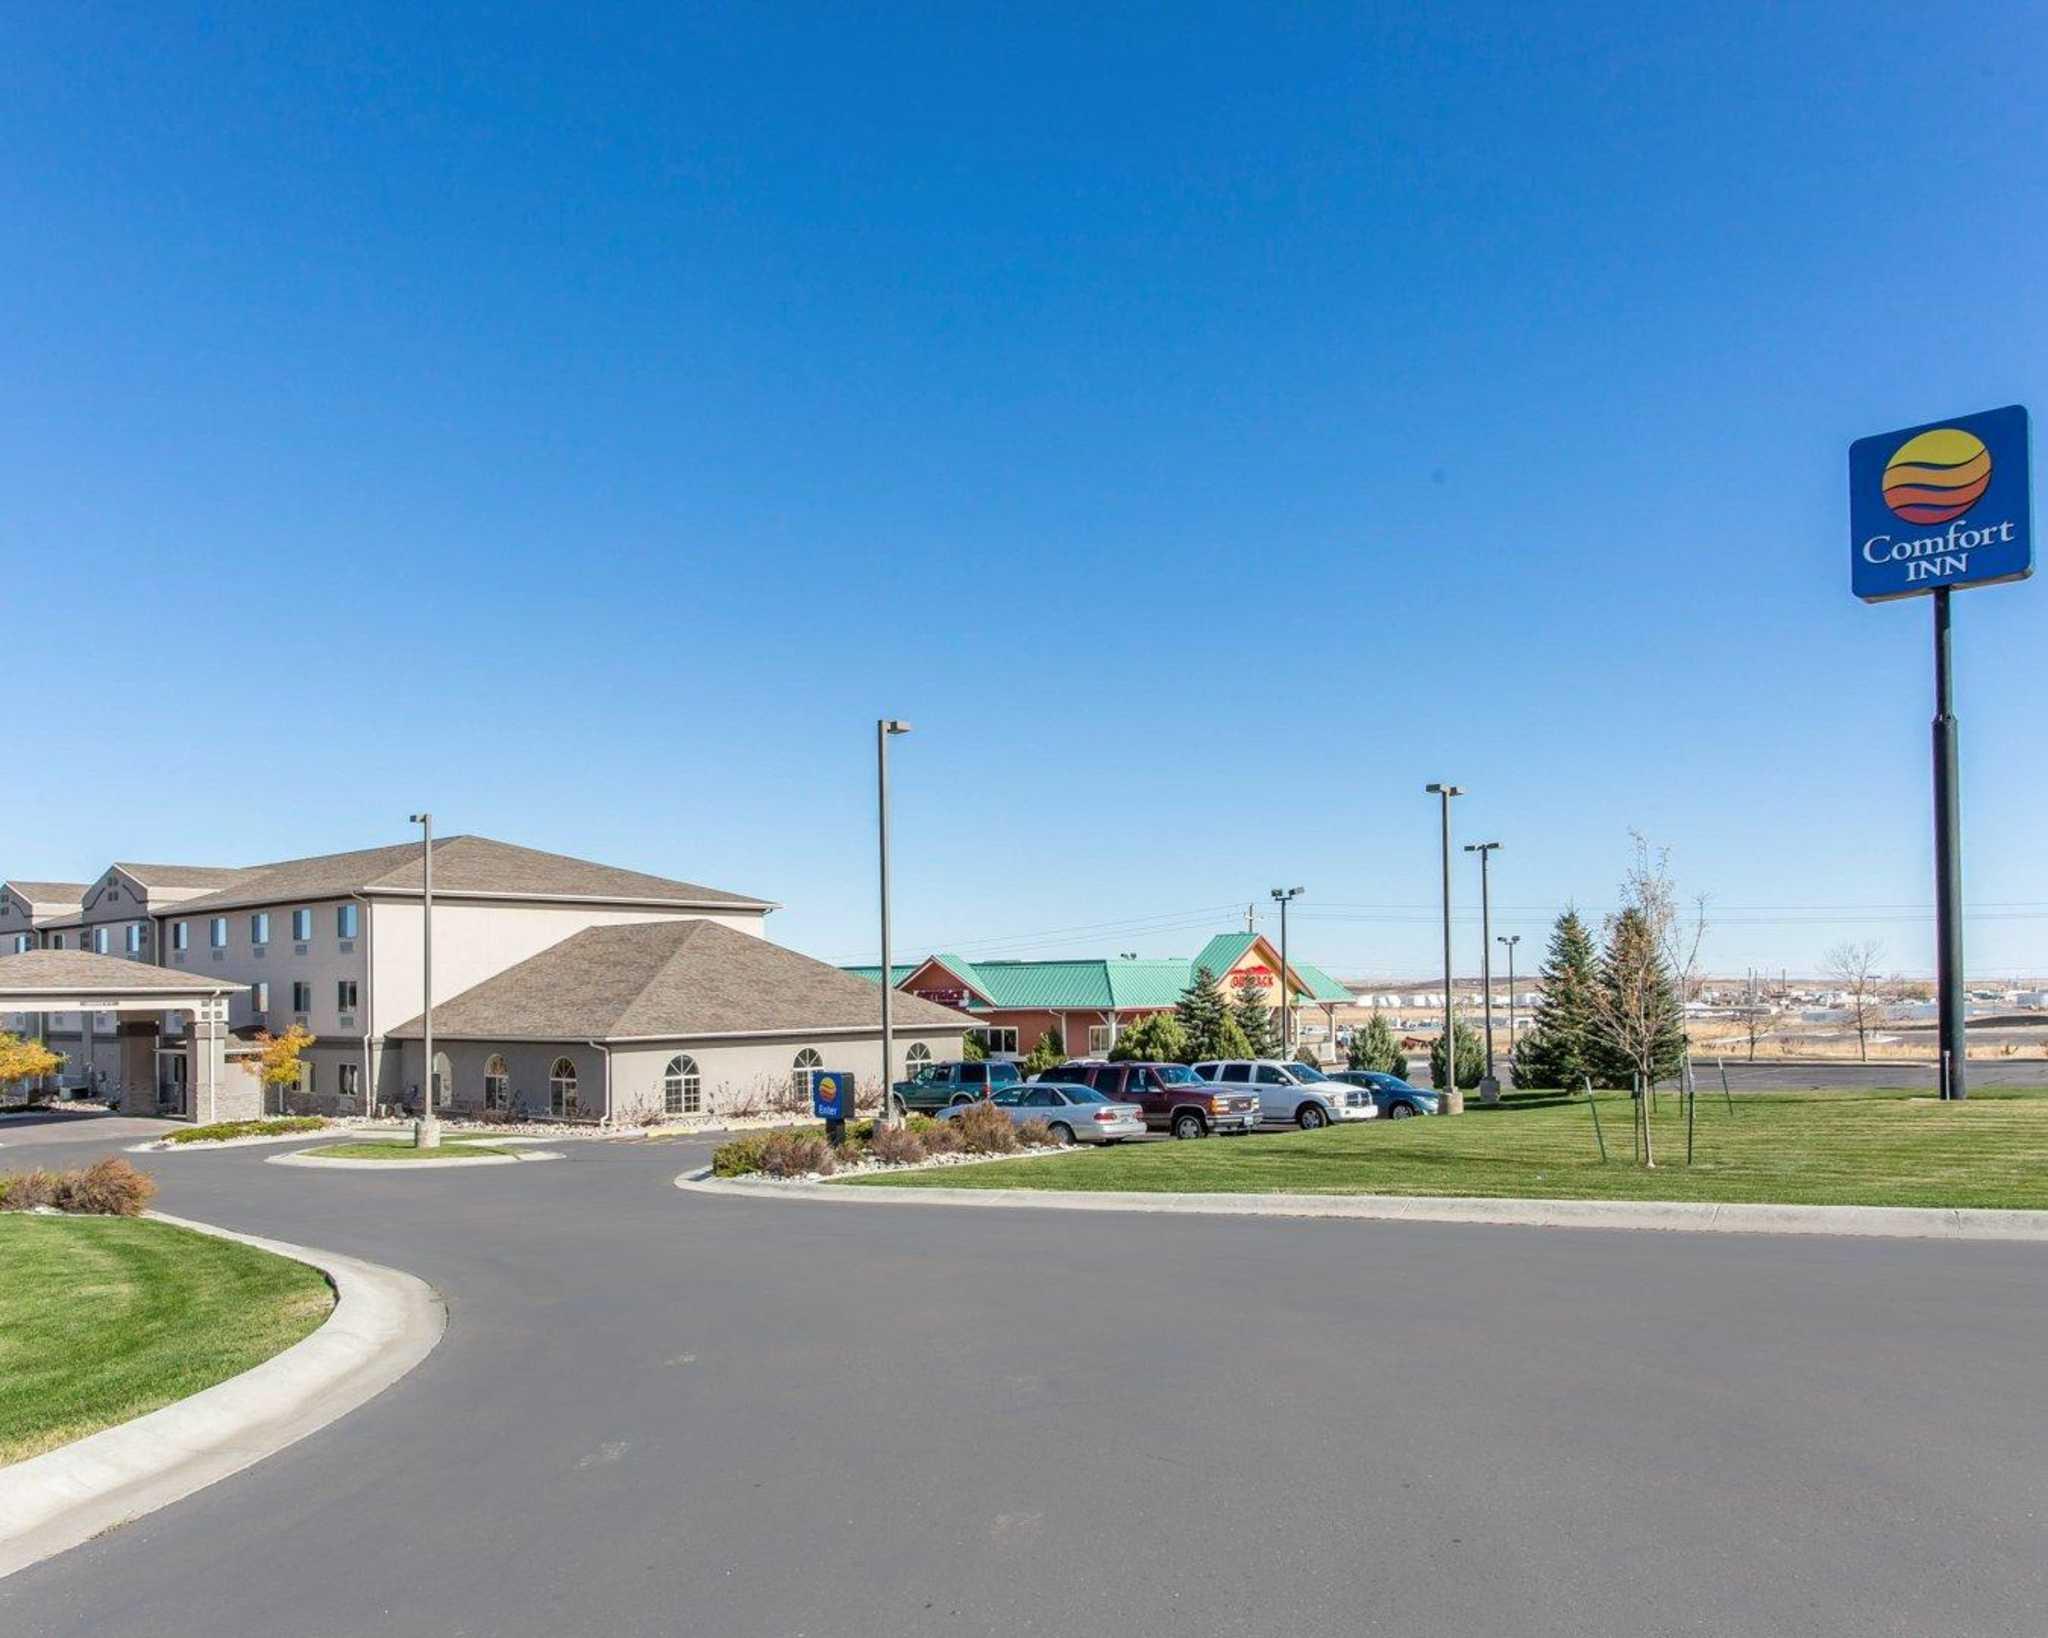 Comfort Inn Evansville-Casper image 13